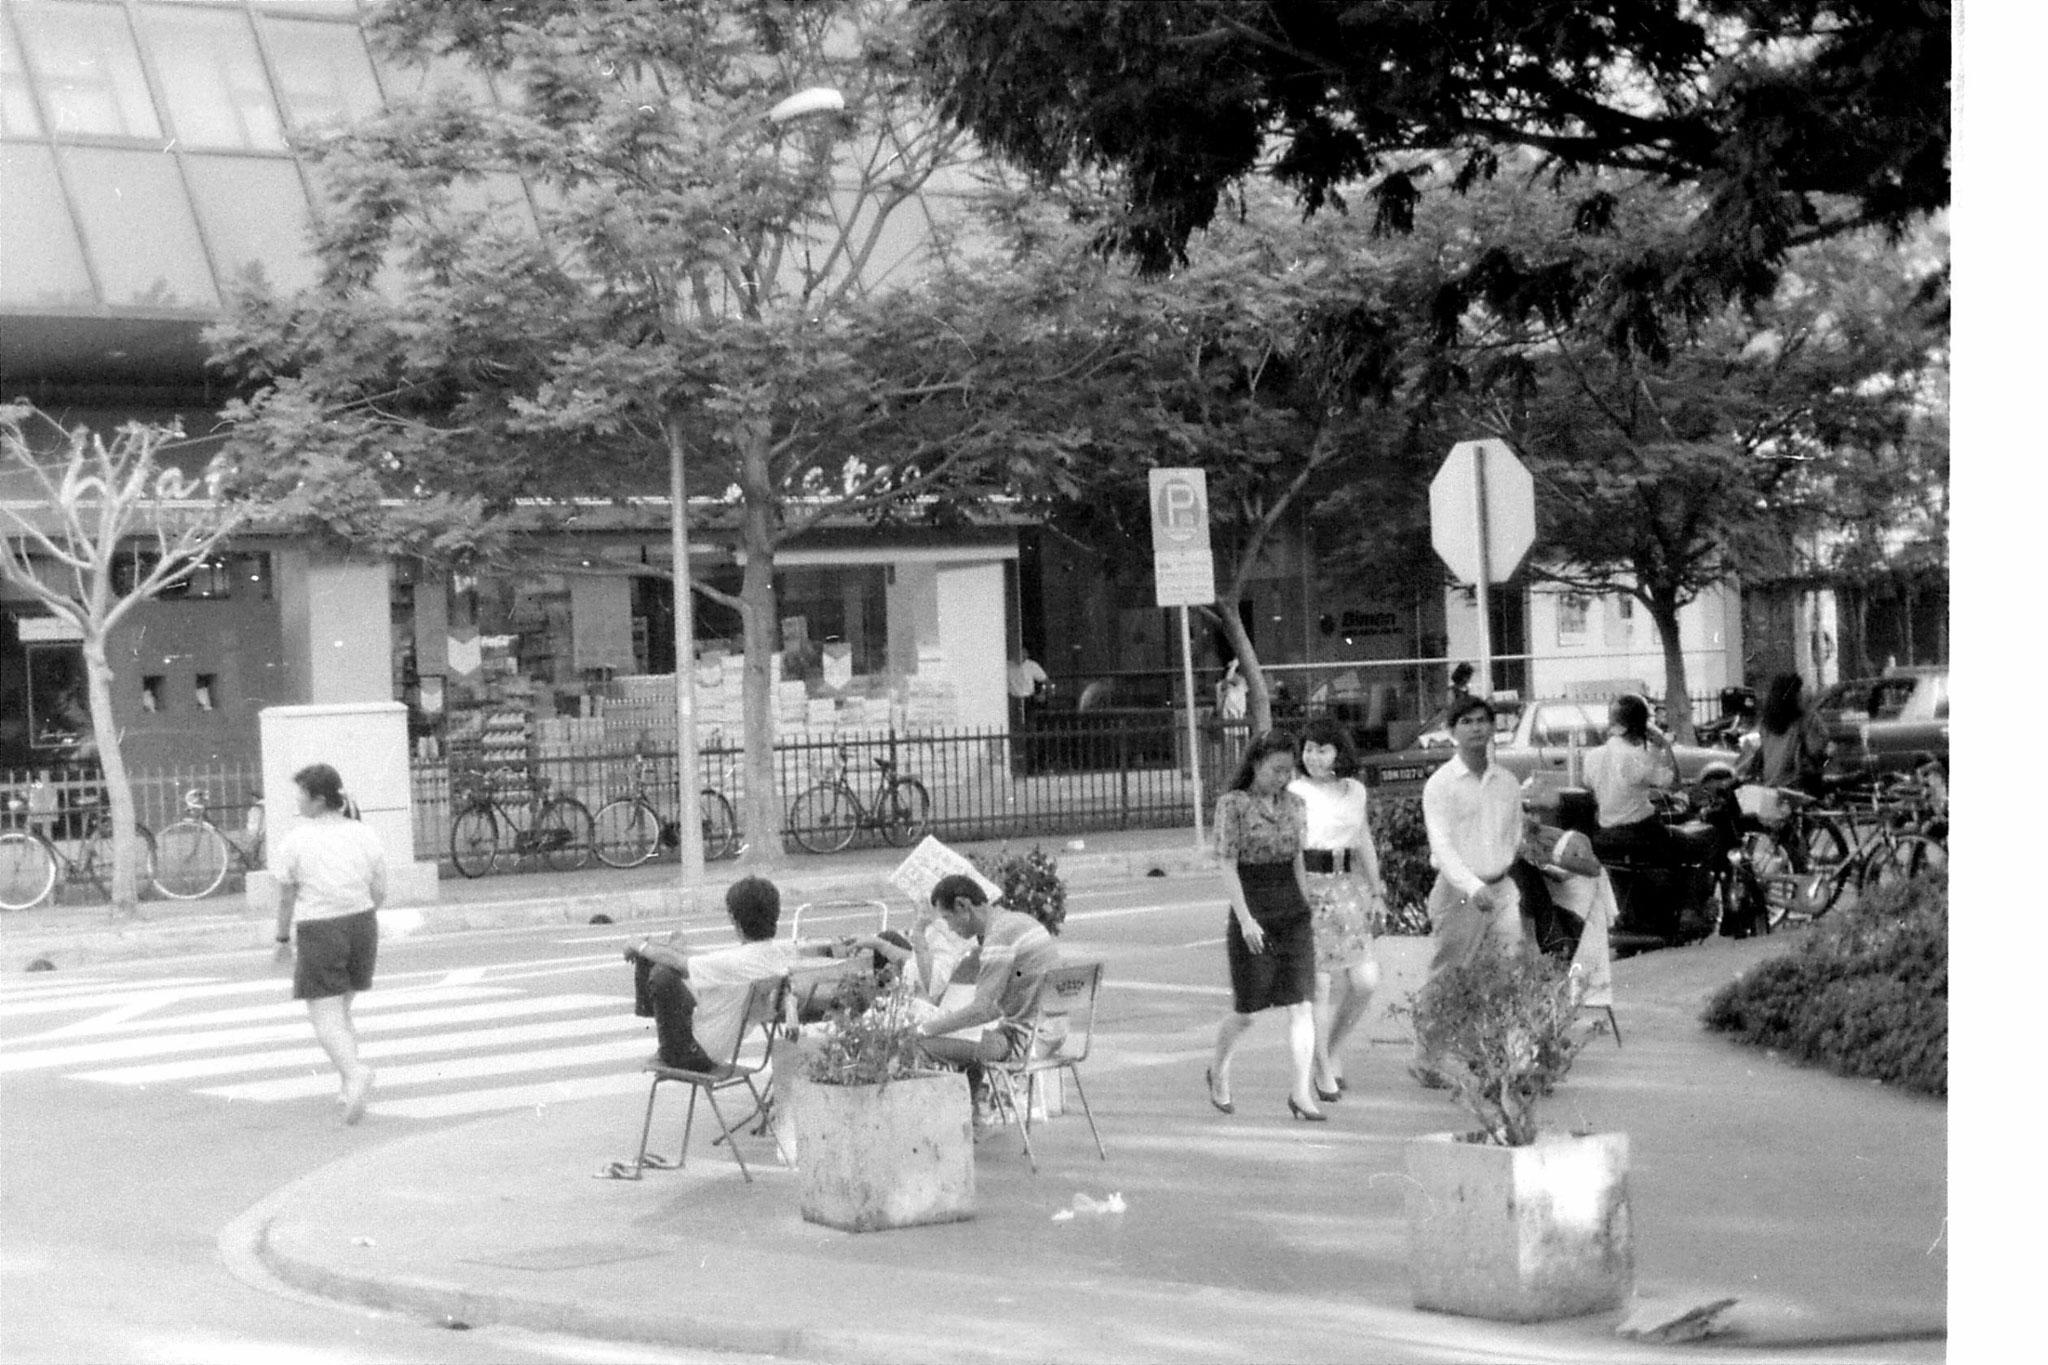 2/7/1990: 29: Singapore Chinatown